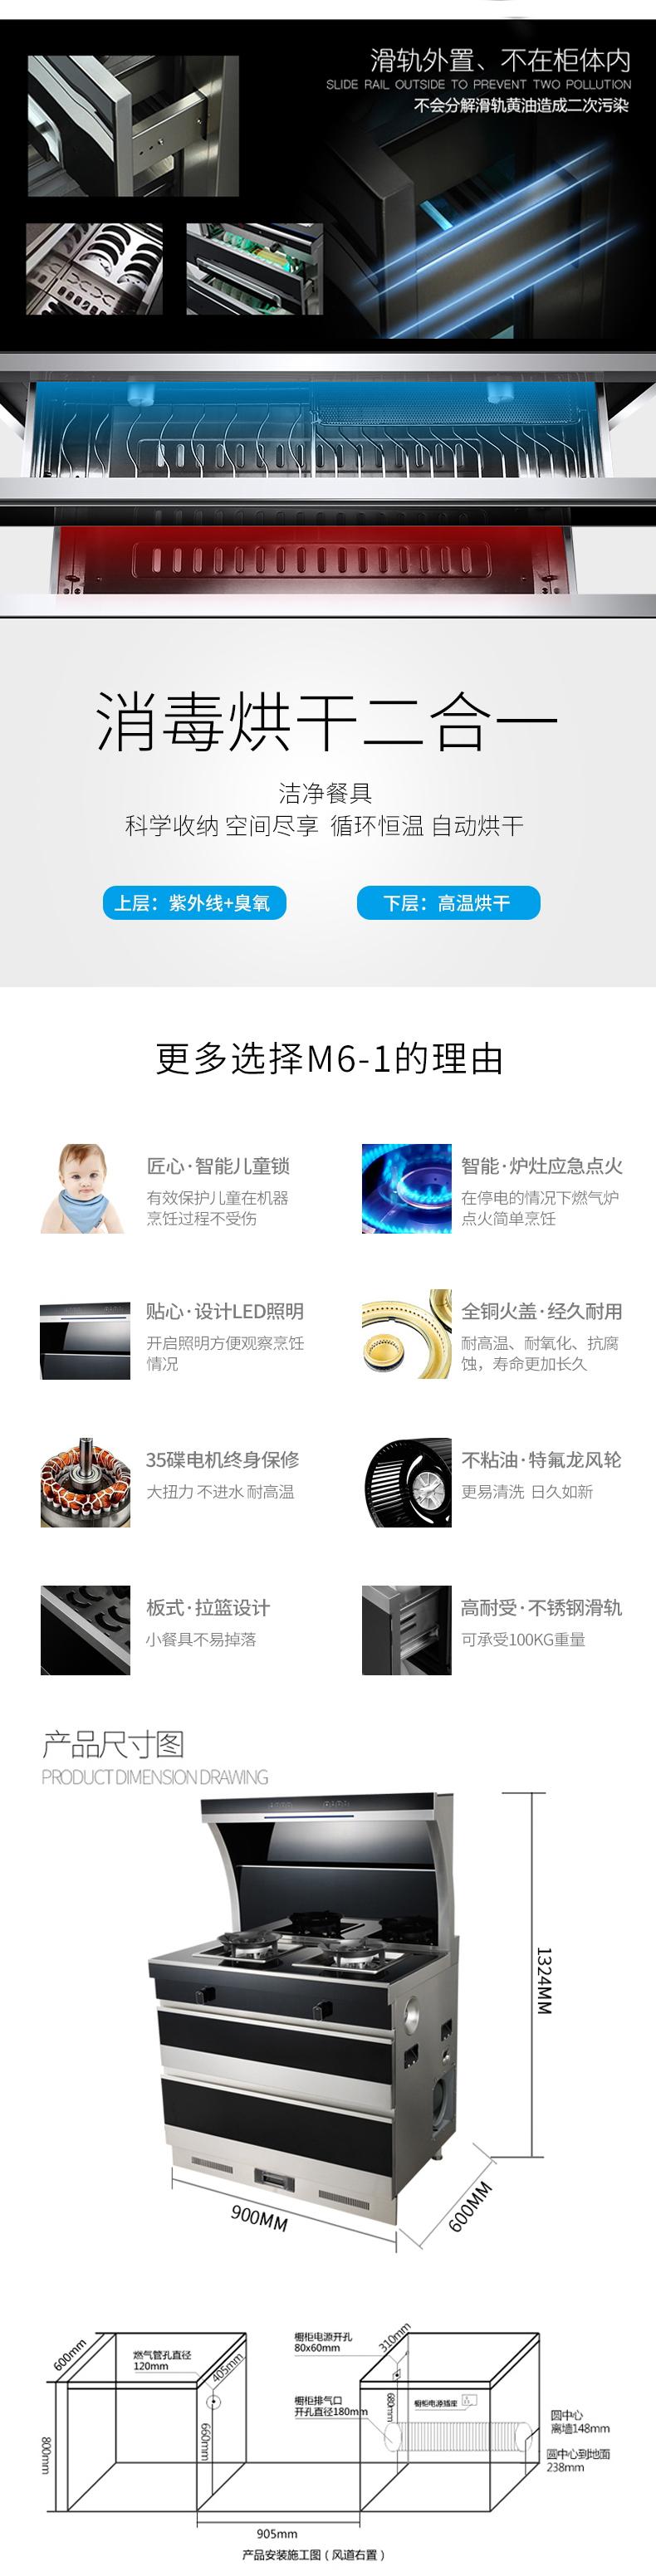 歐帝M6-1_04.jpg